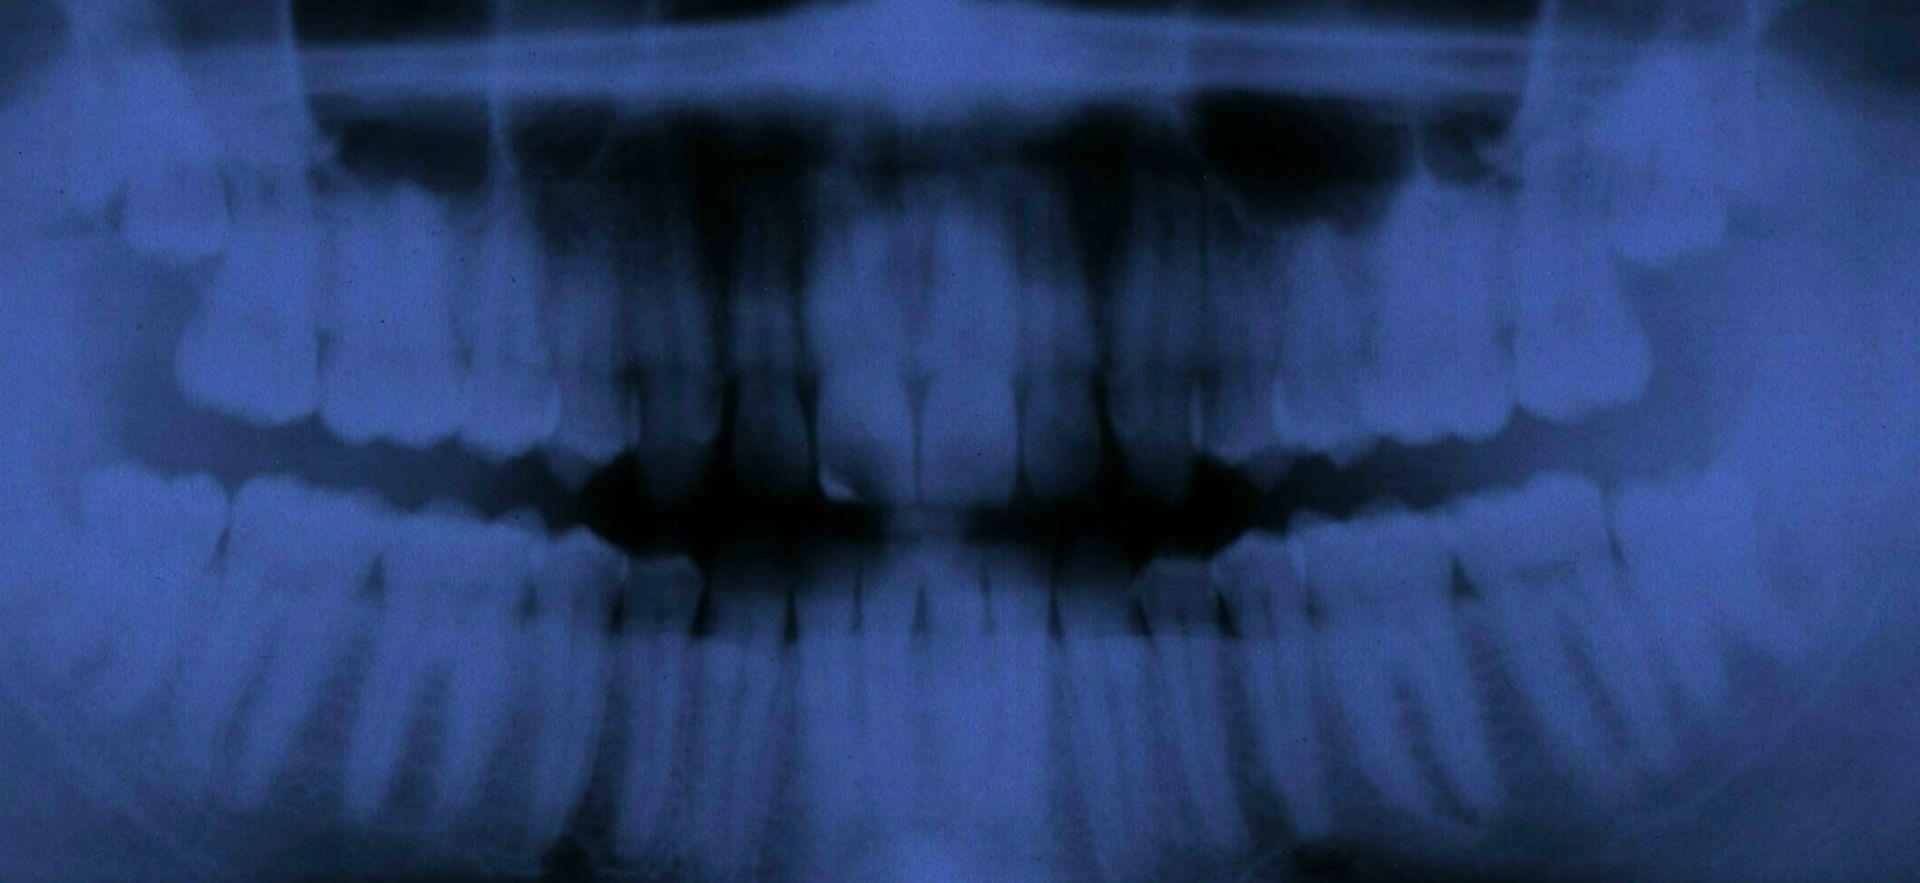 Radiografia dei denti di un ragazzo di 20 anni